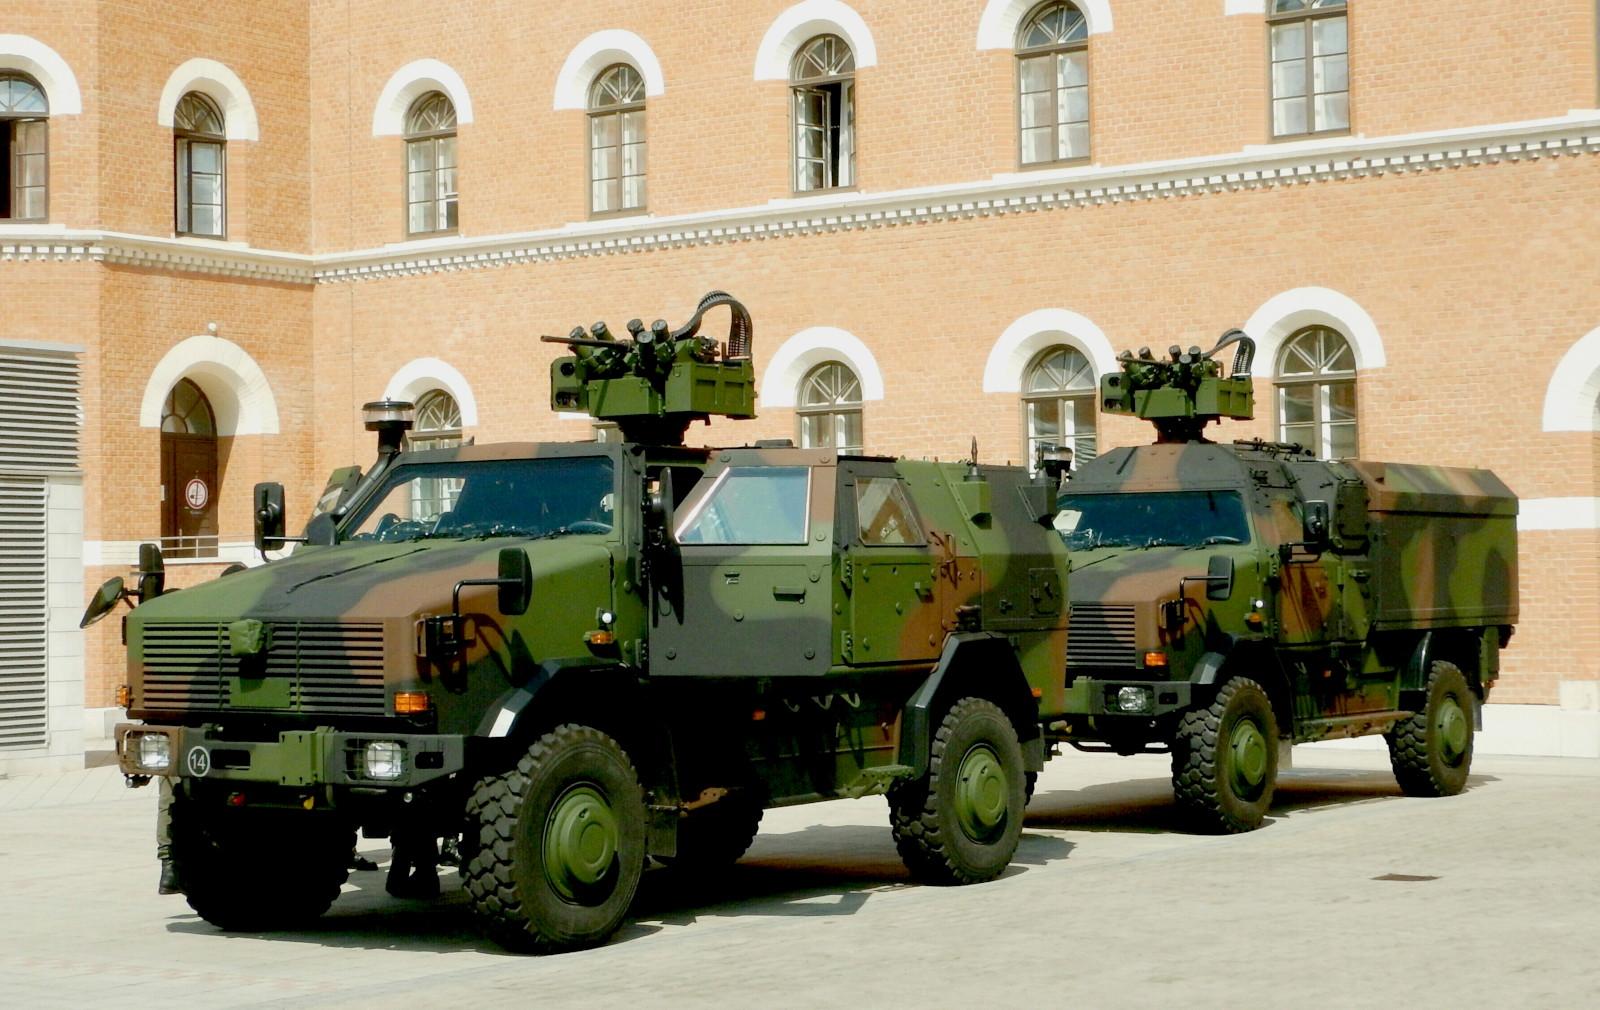 58 neue Allschutzfahrzeuge DINGO 2 wurden beschafft © DoppeladlerTeam / Vojtenko